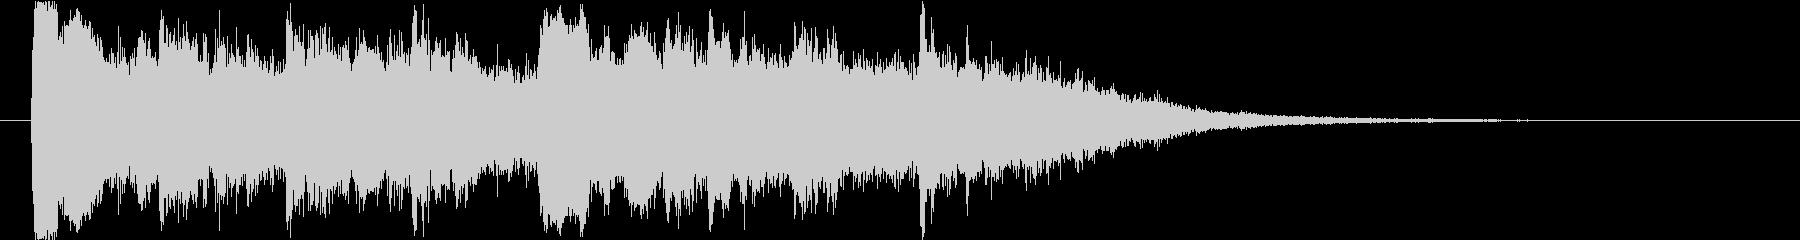 幻想的なクリスタルサウンドのショートロゴの未再生の波形